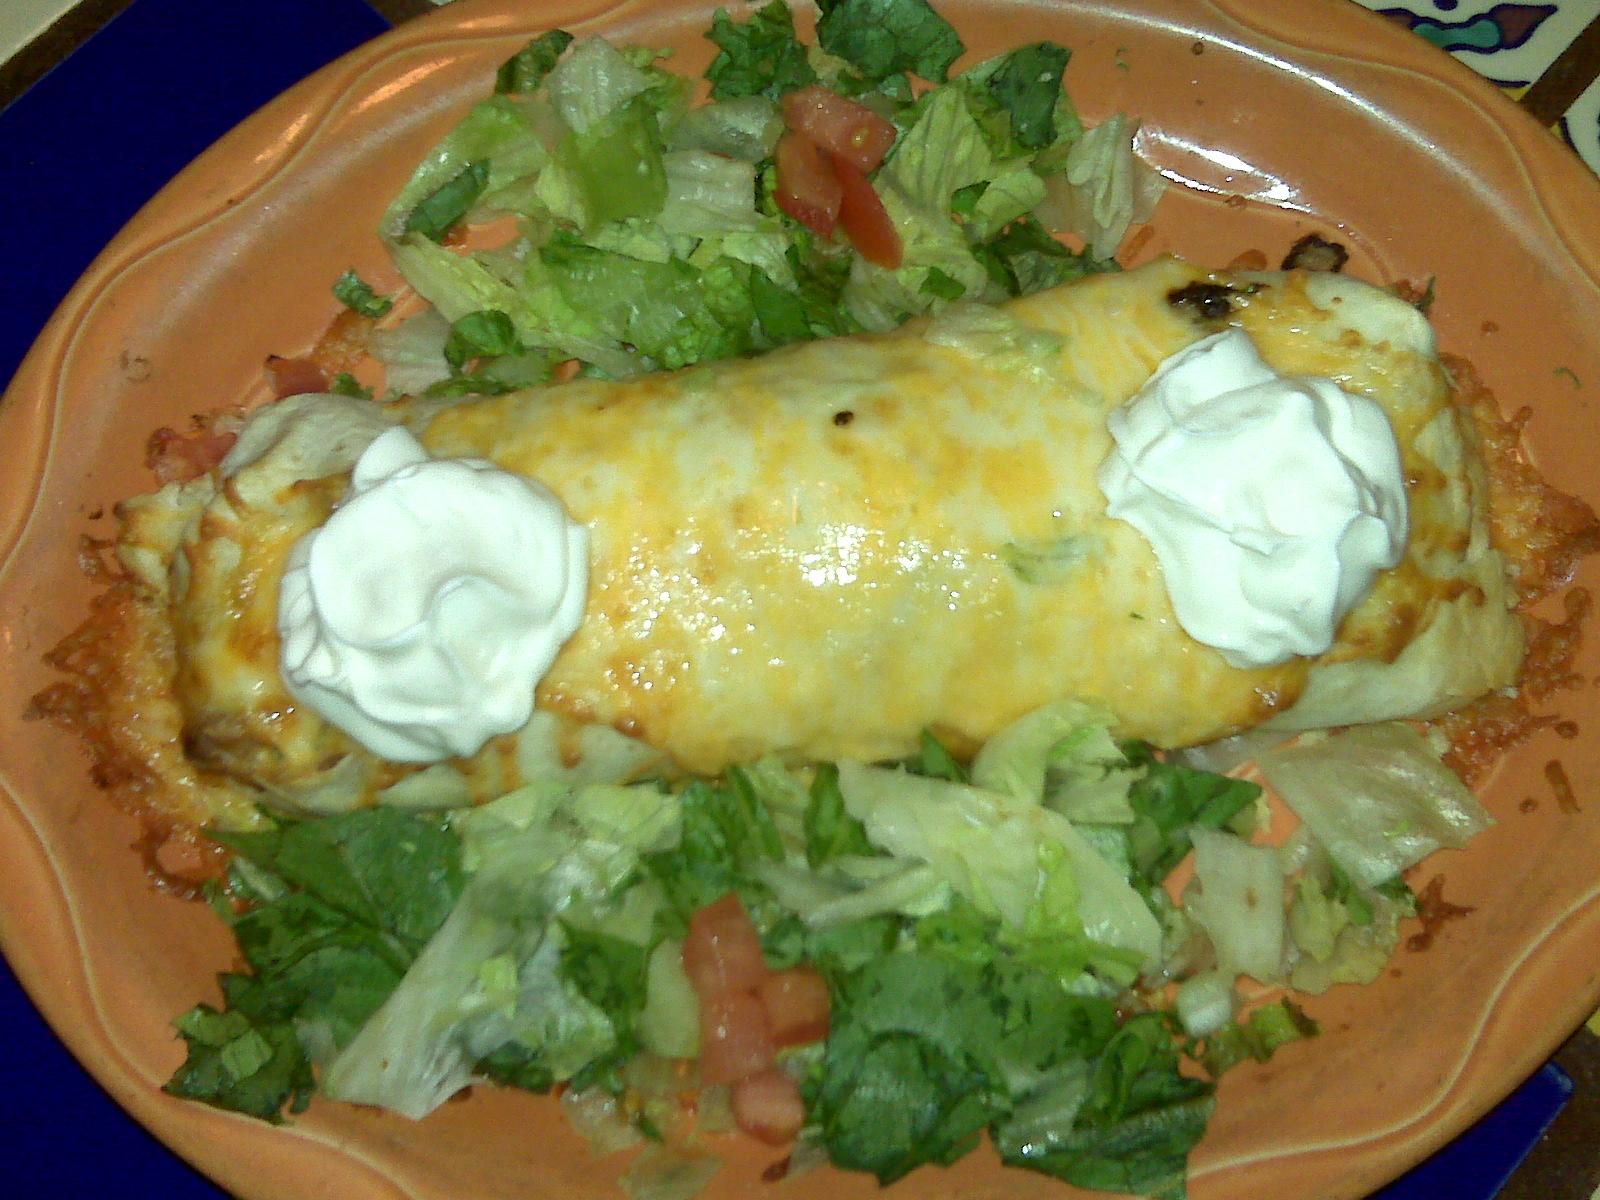 Margarita's Restaurant, Keene NH :: Veg. burrito from margaritas!